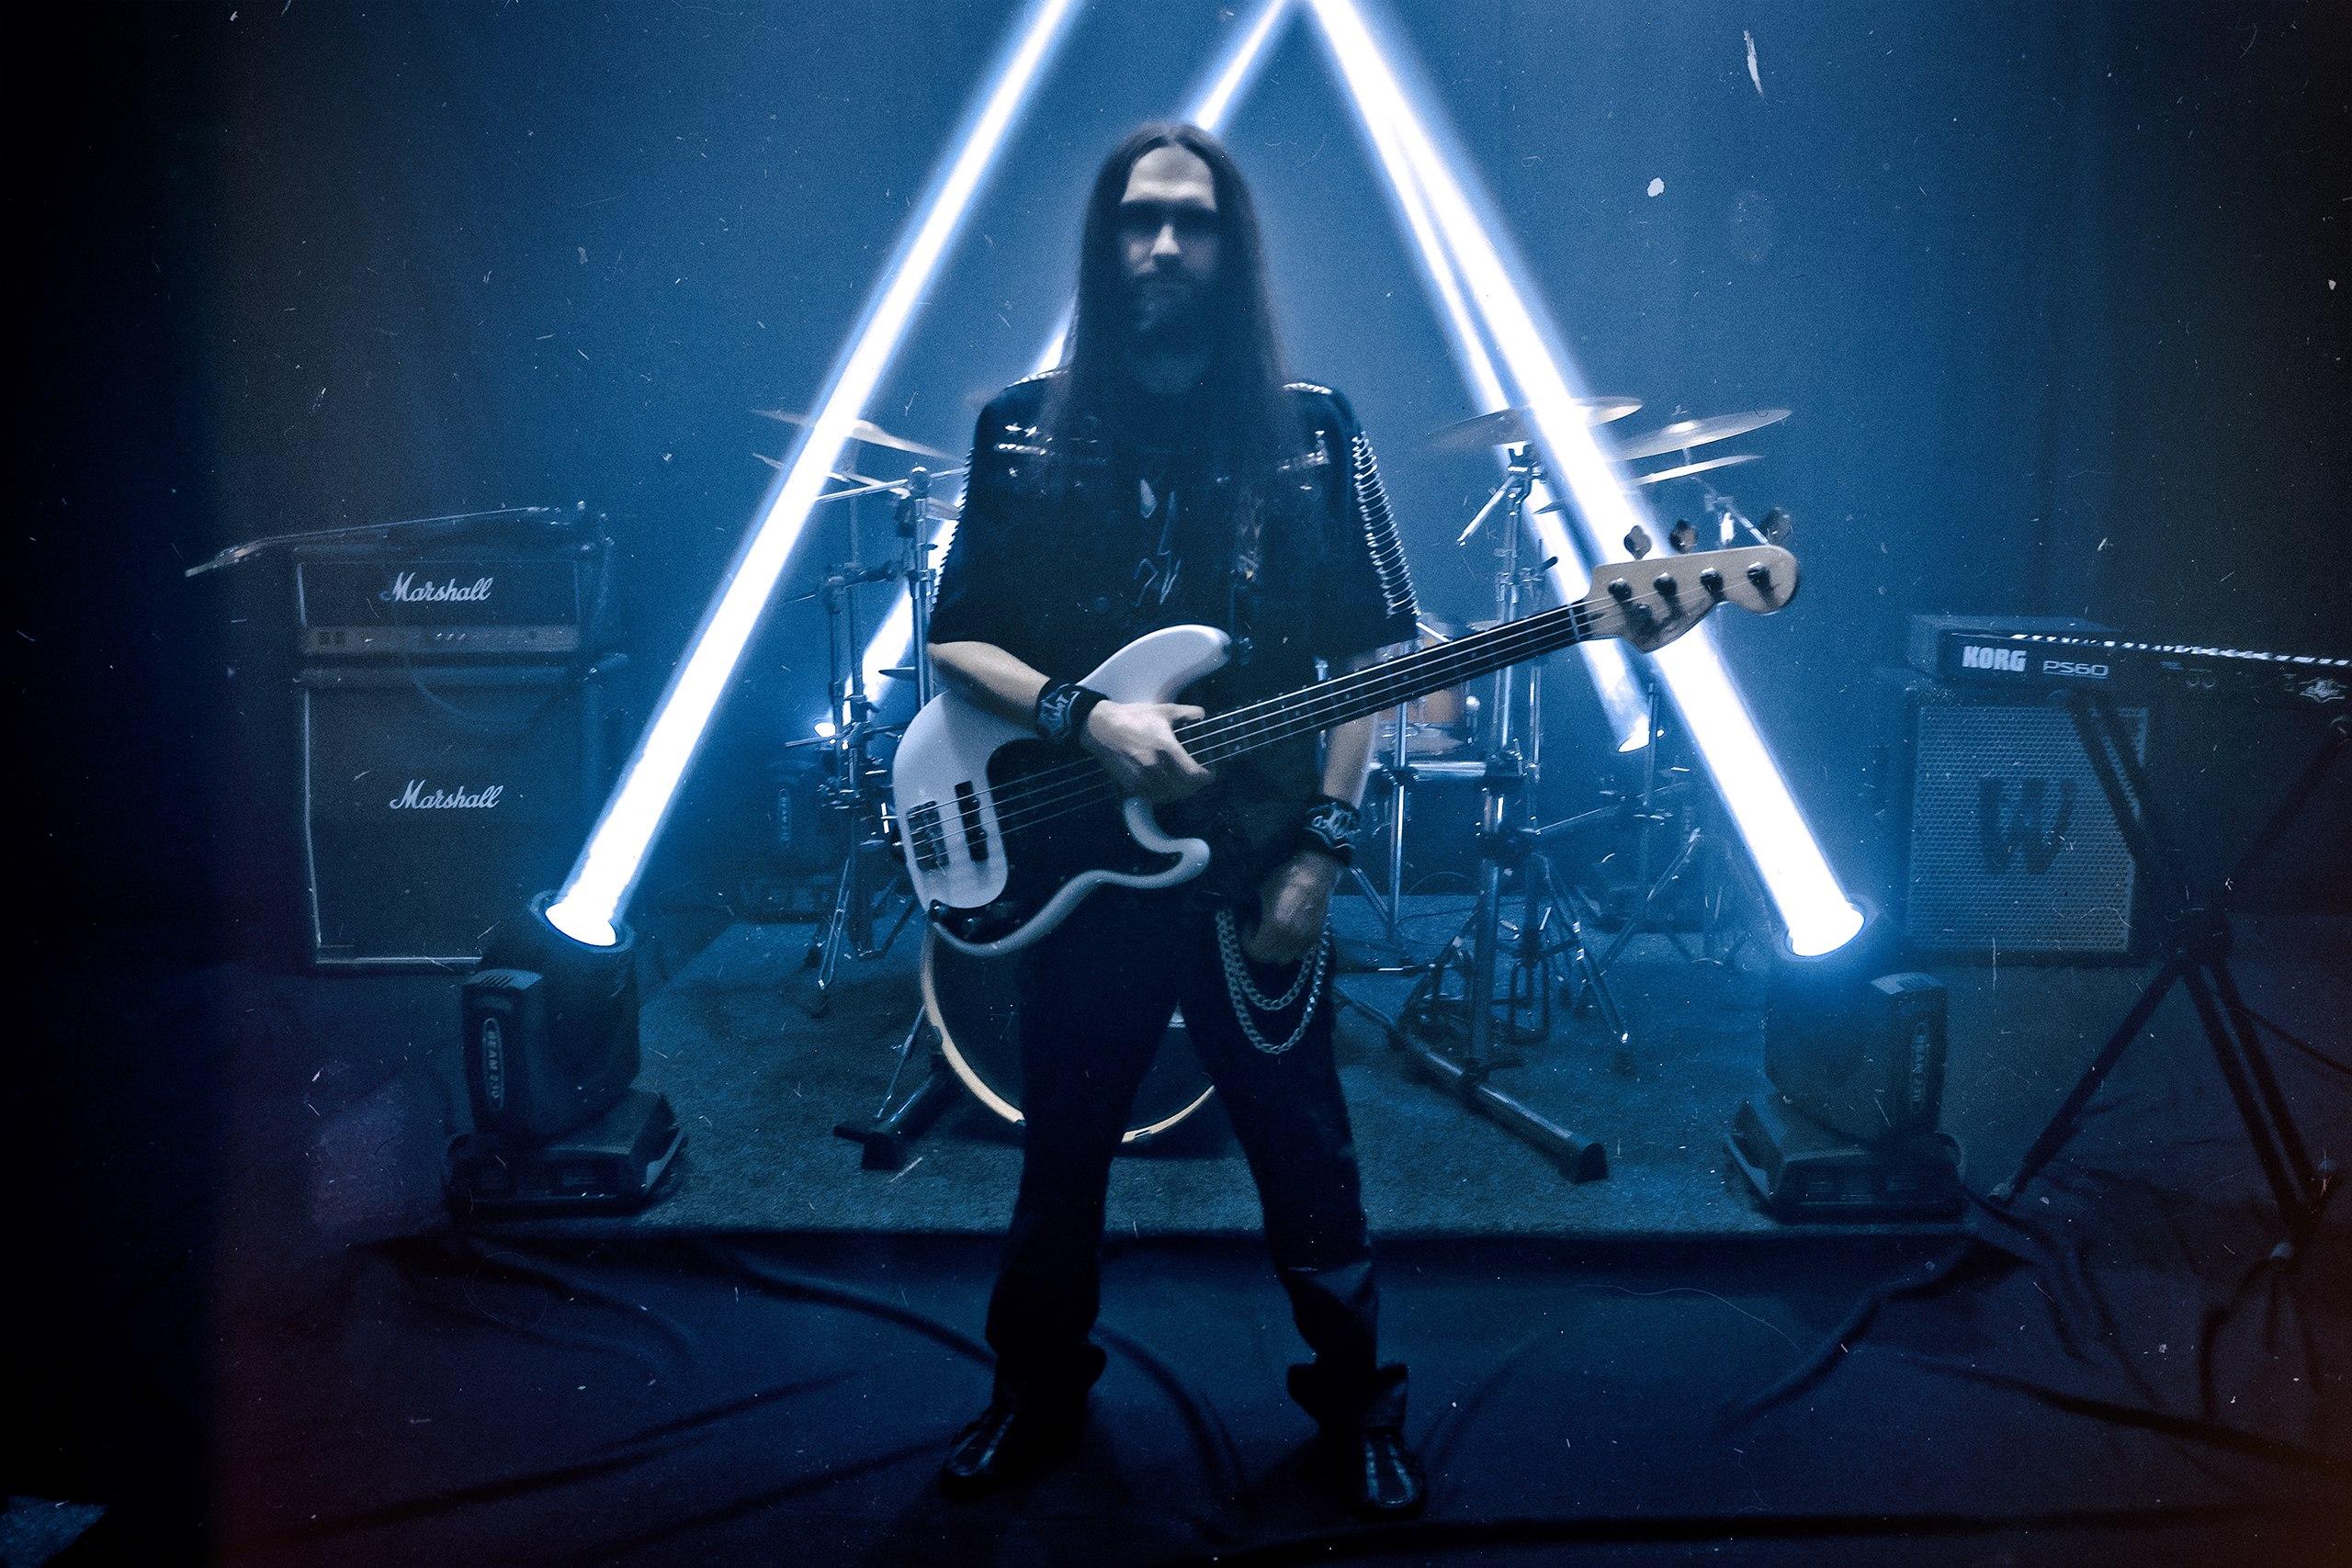 Фотоотчет со съёмок видеоклипа